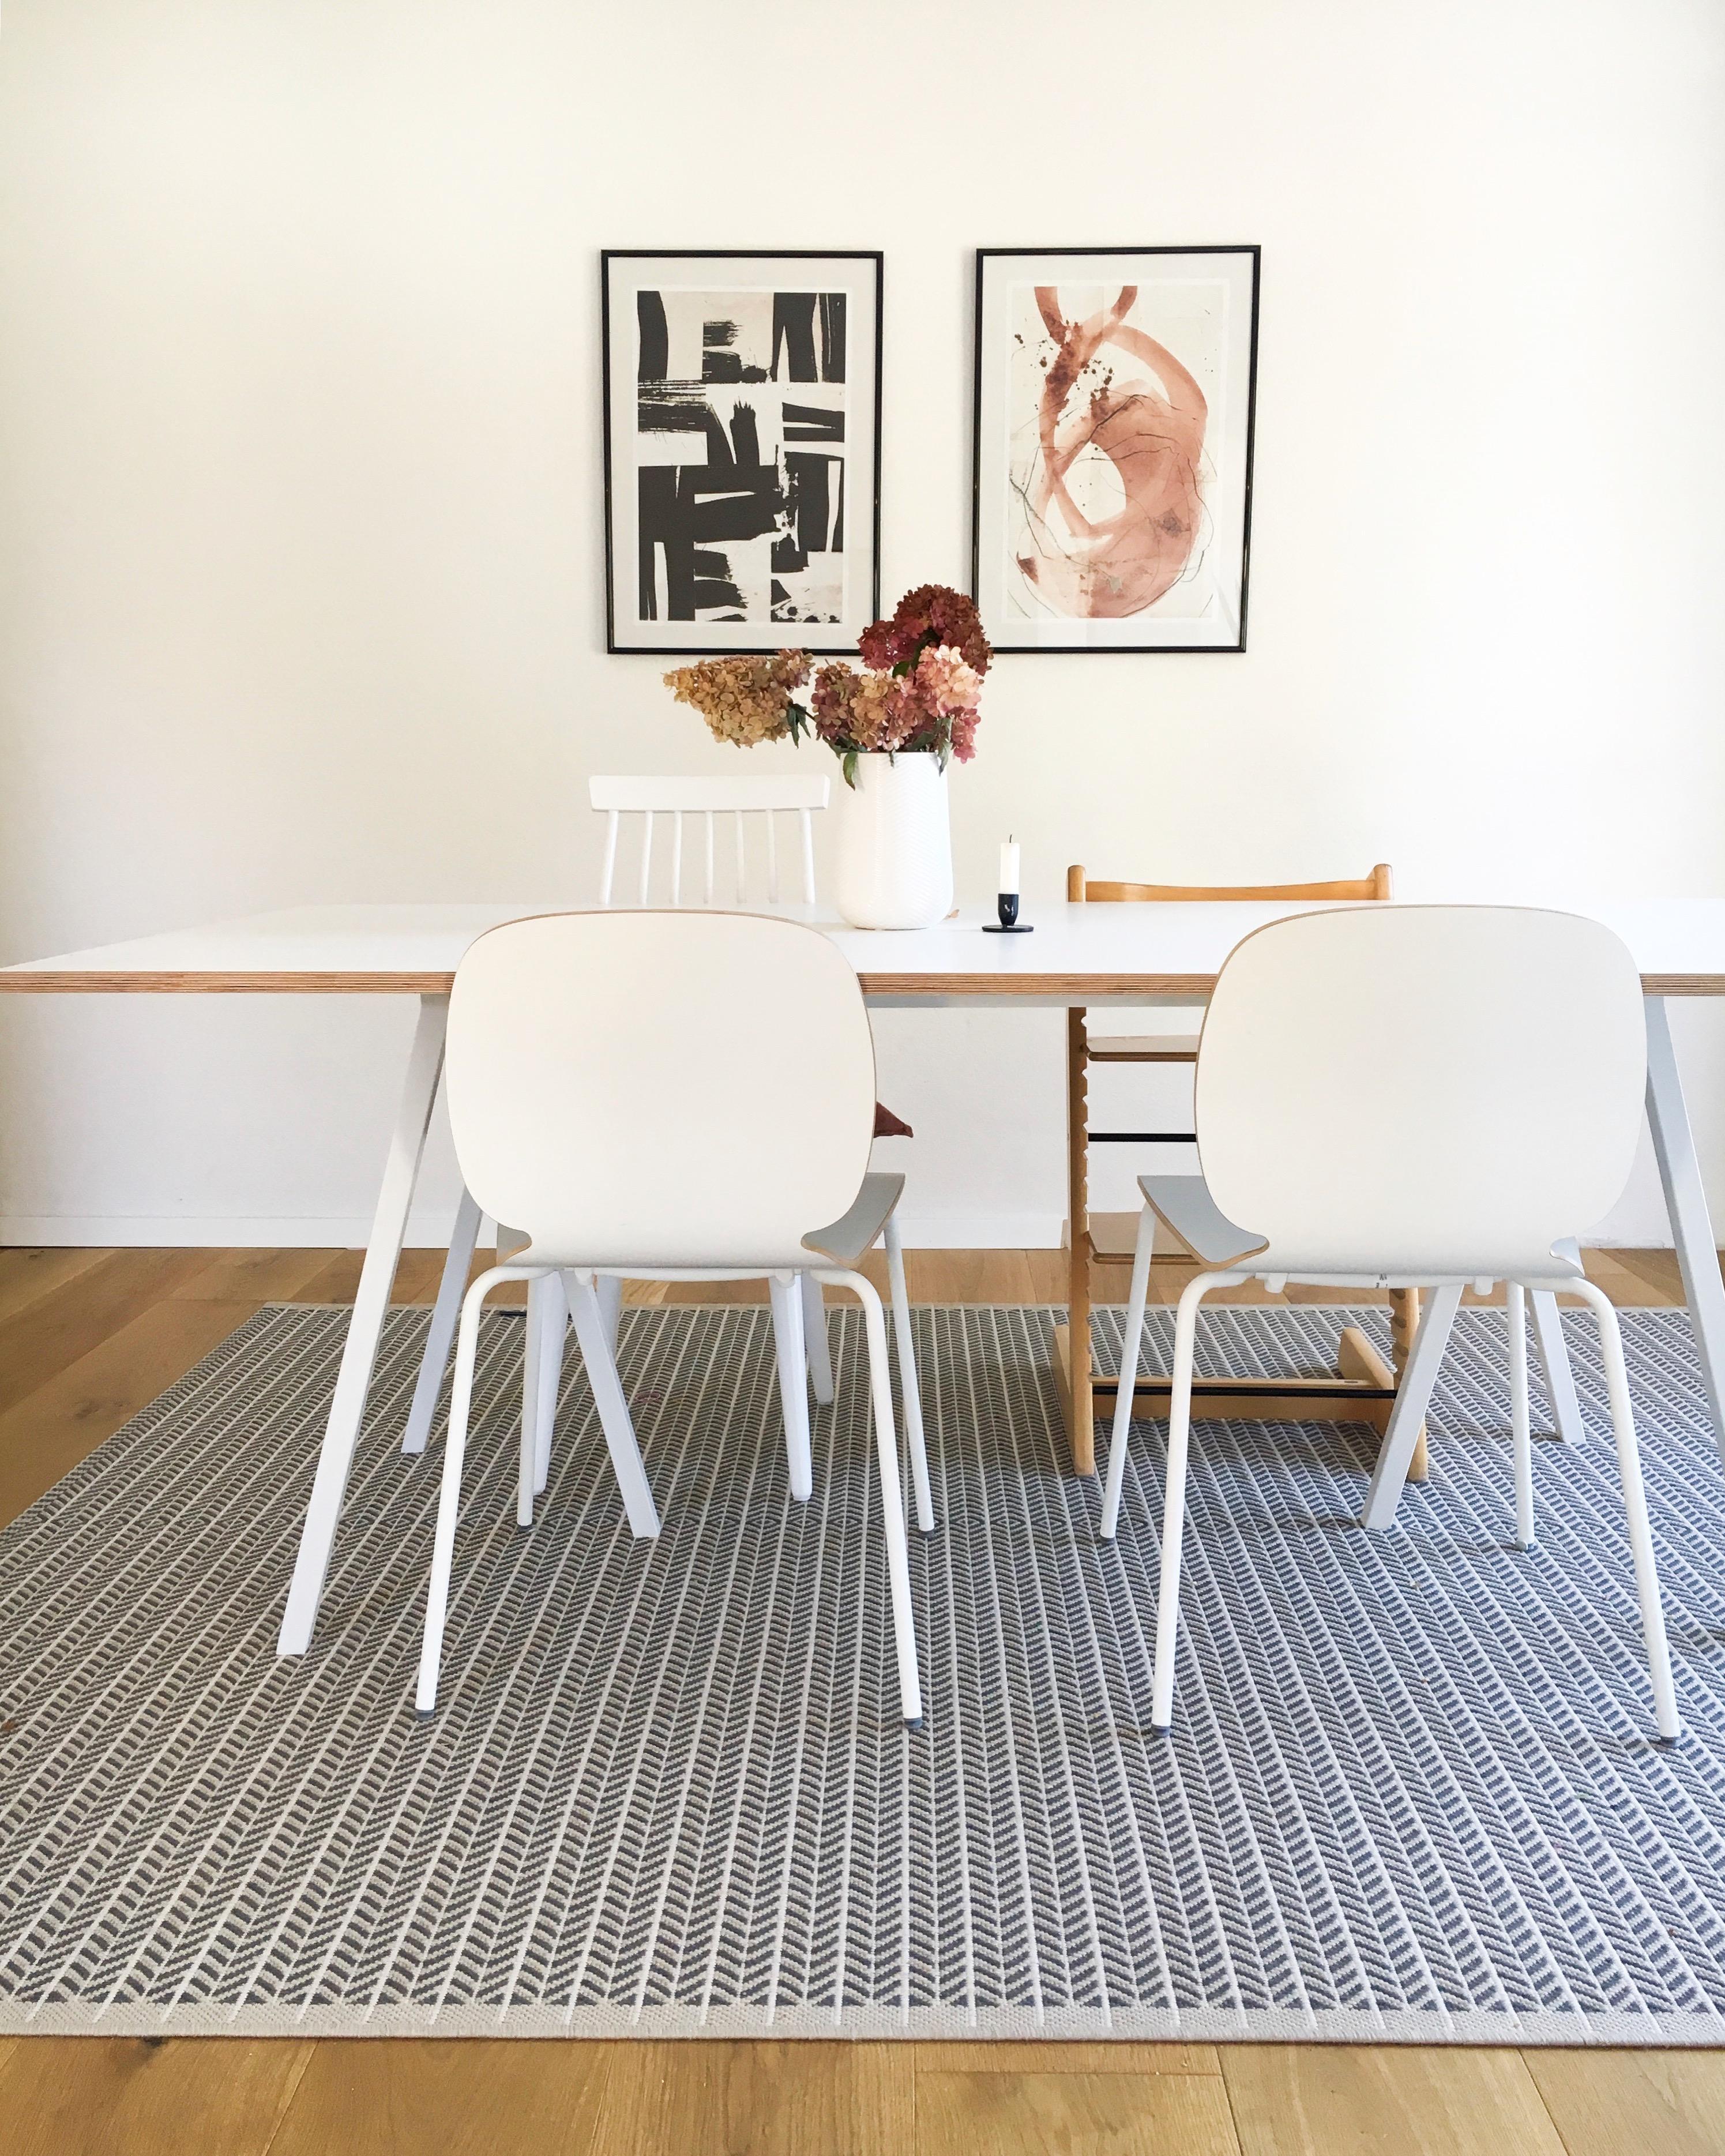 Esszimmer Esstisch Tisch Stuhl Teppich Poster